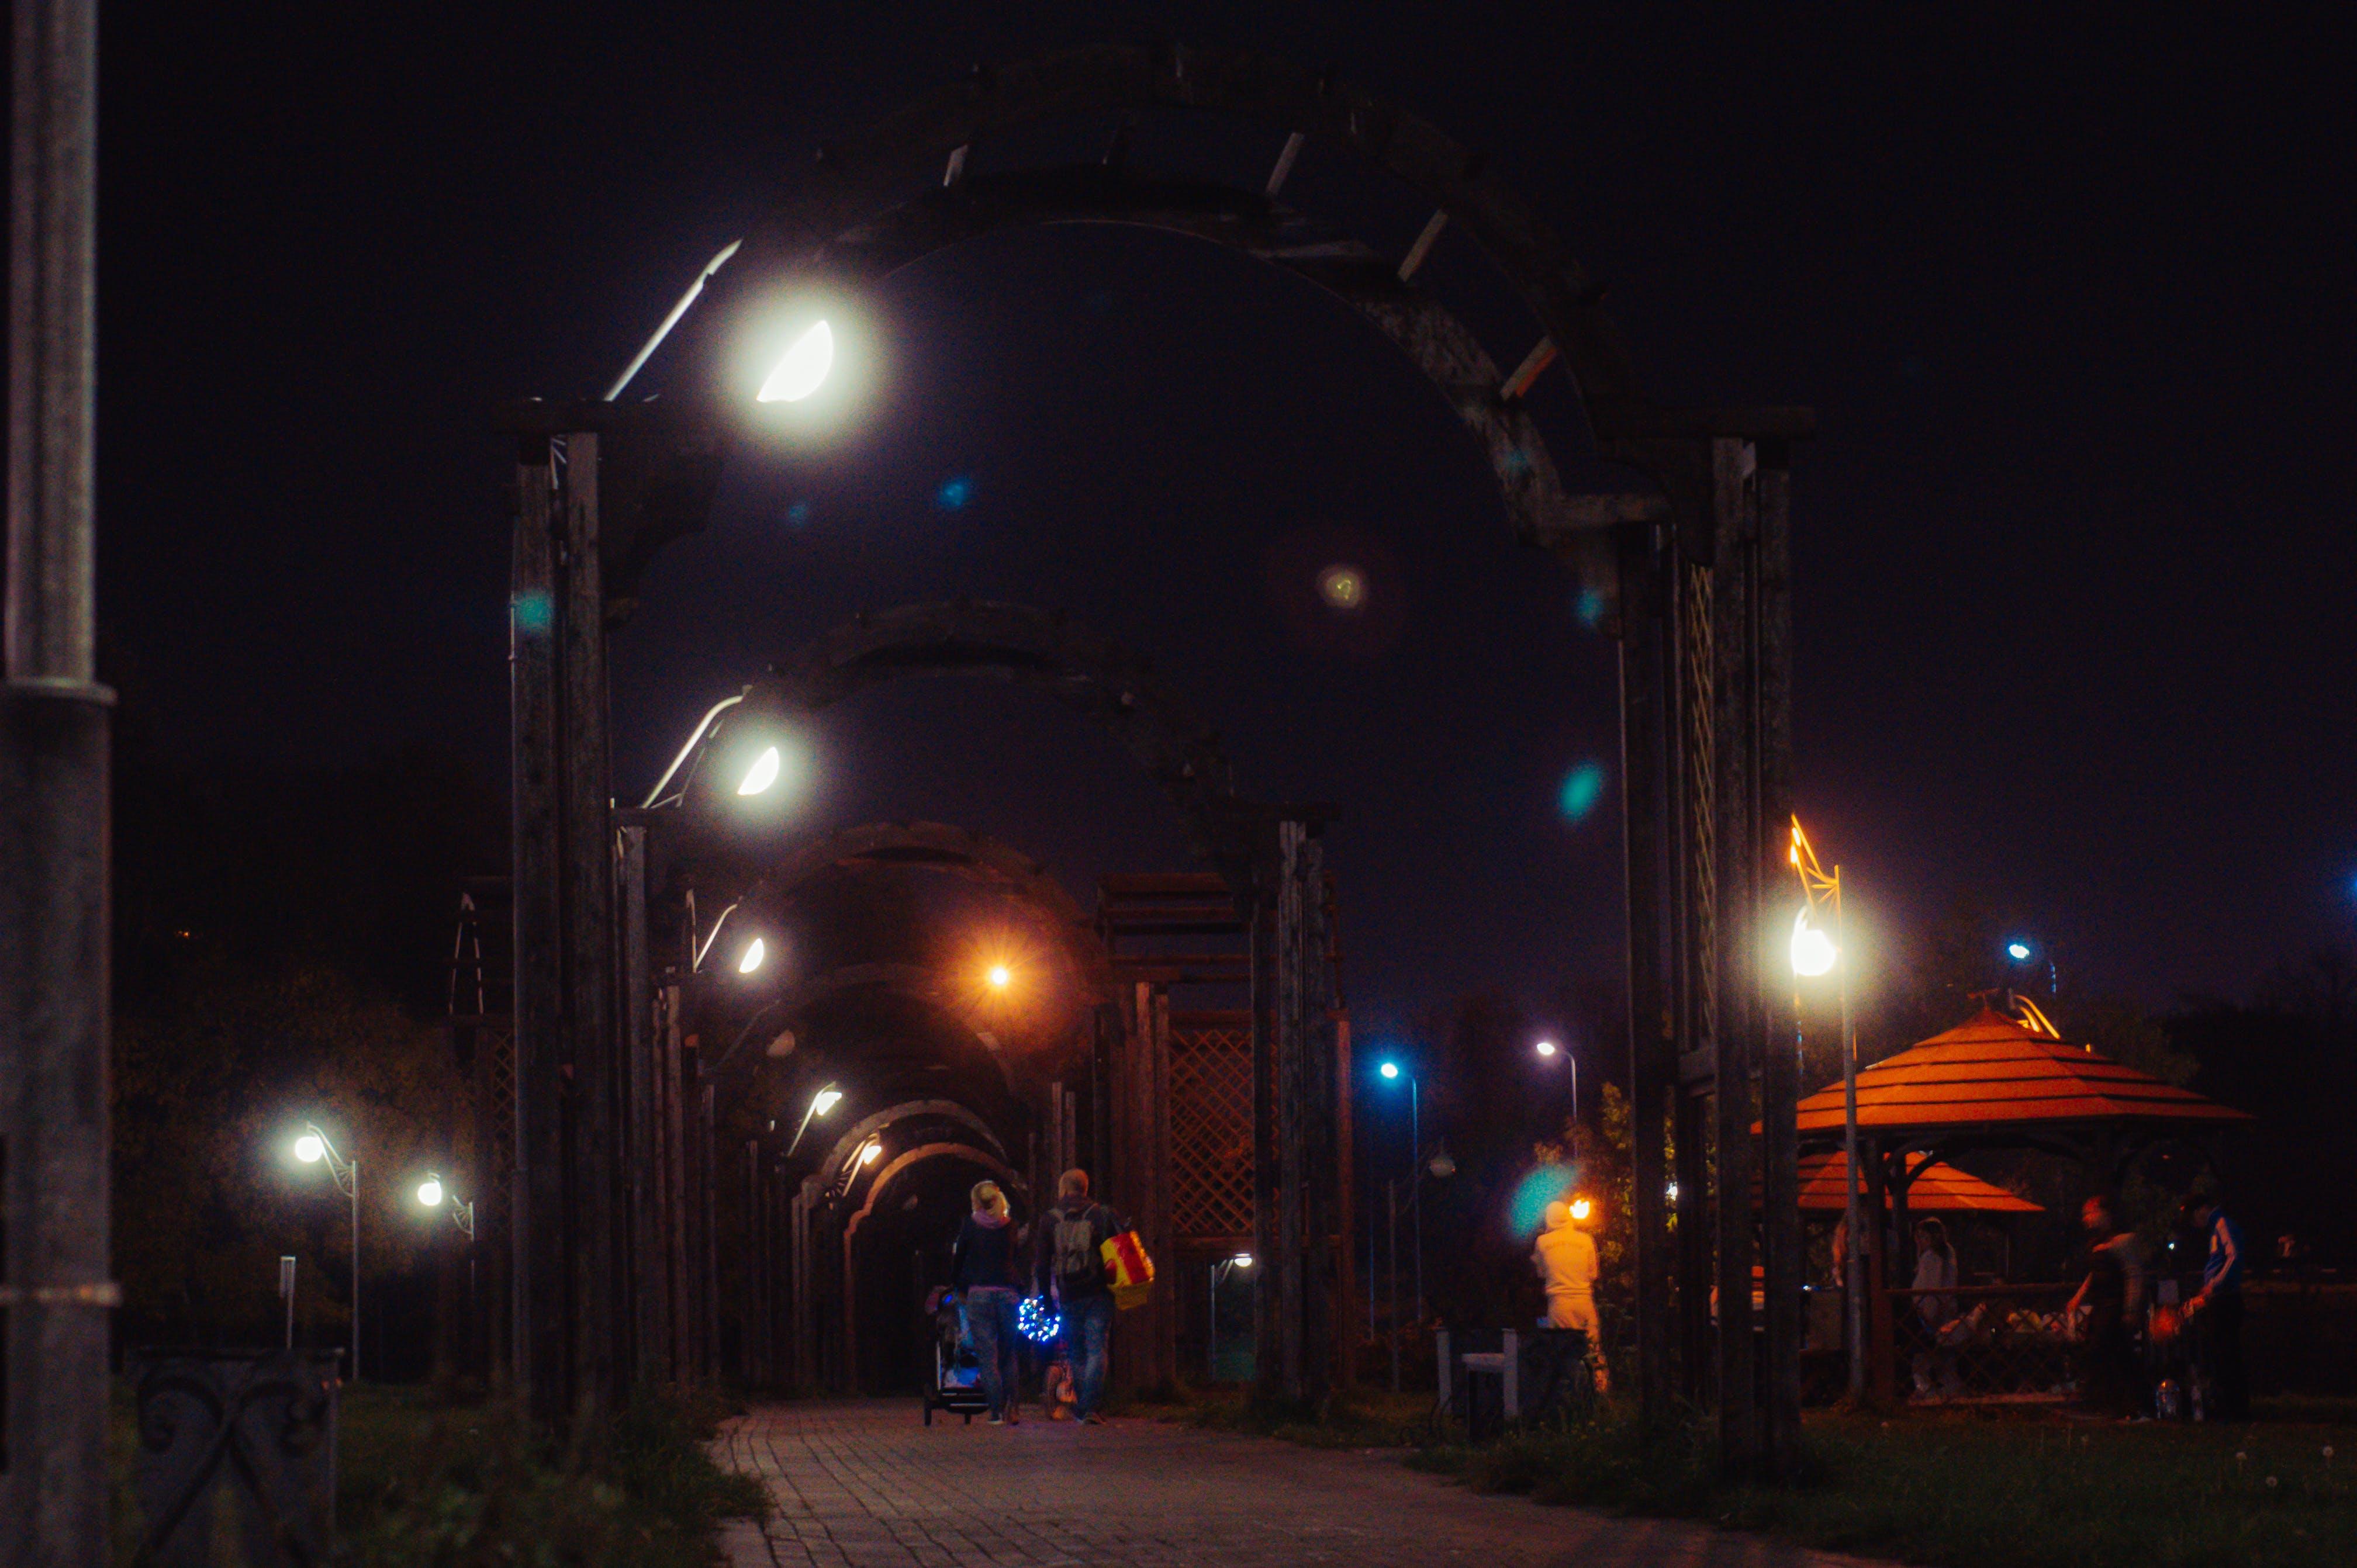 Free stock photo of Dark Sky, gazebos, lantern light, park